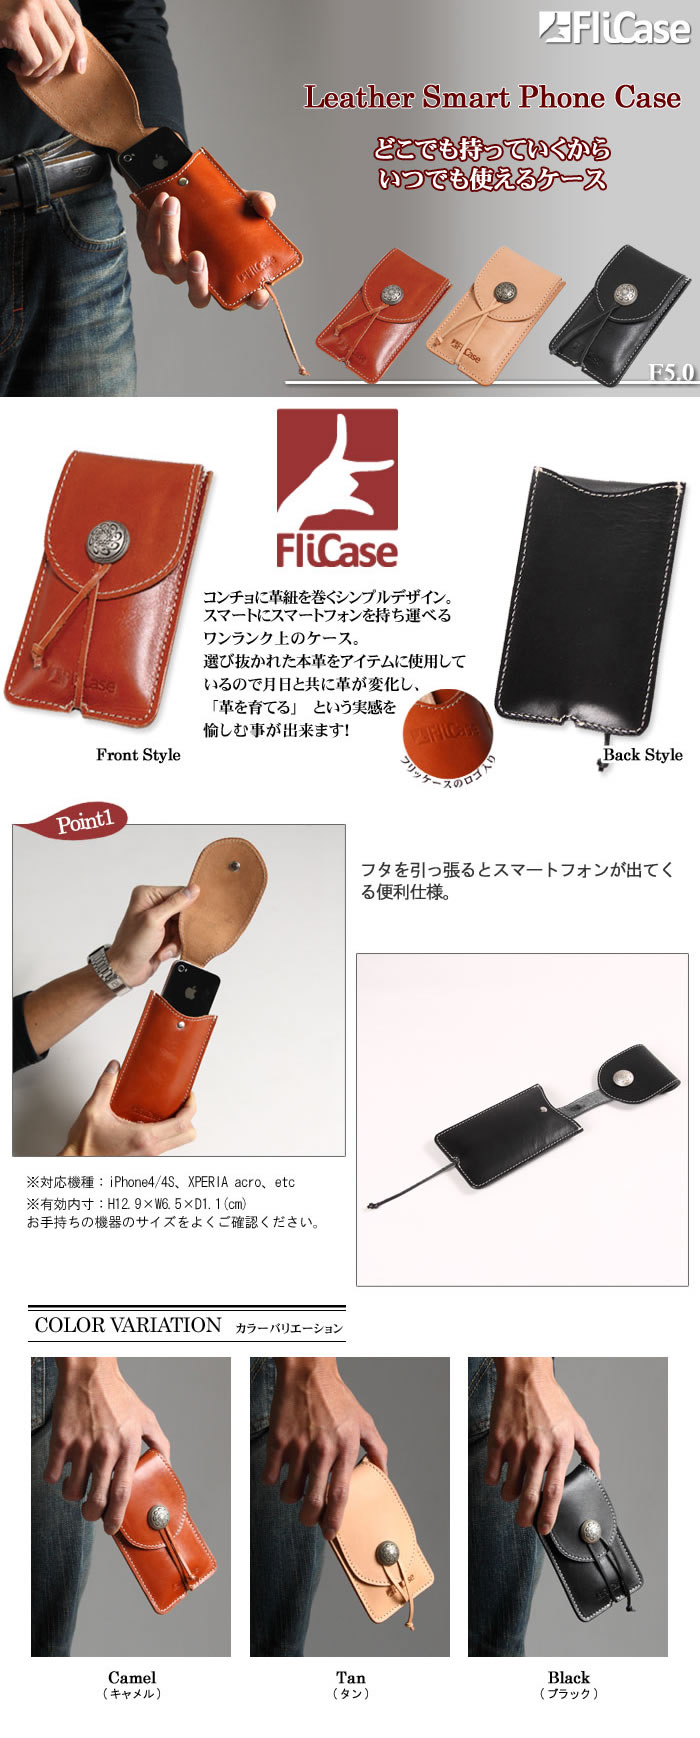 【Flicase/フリッケース】iPhone5/4S/4、XPERIA acroなど対応のスマホケース。